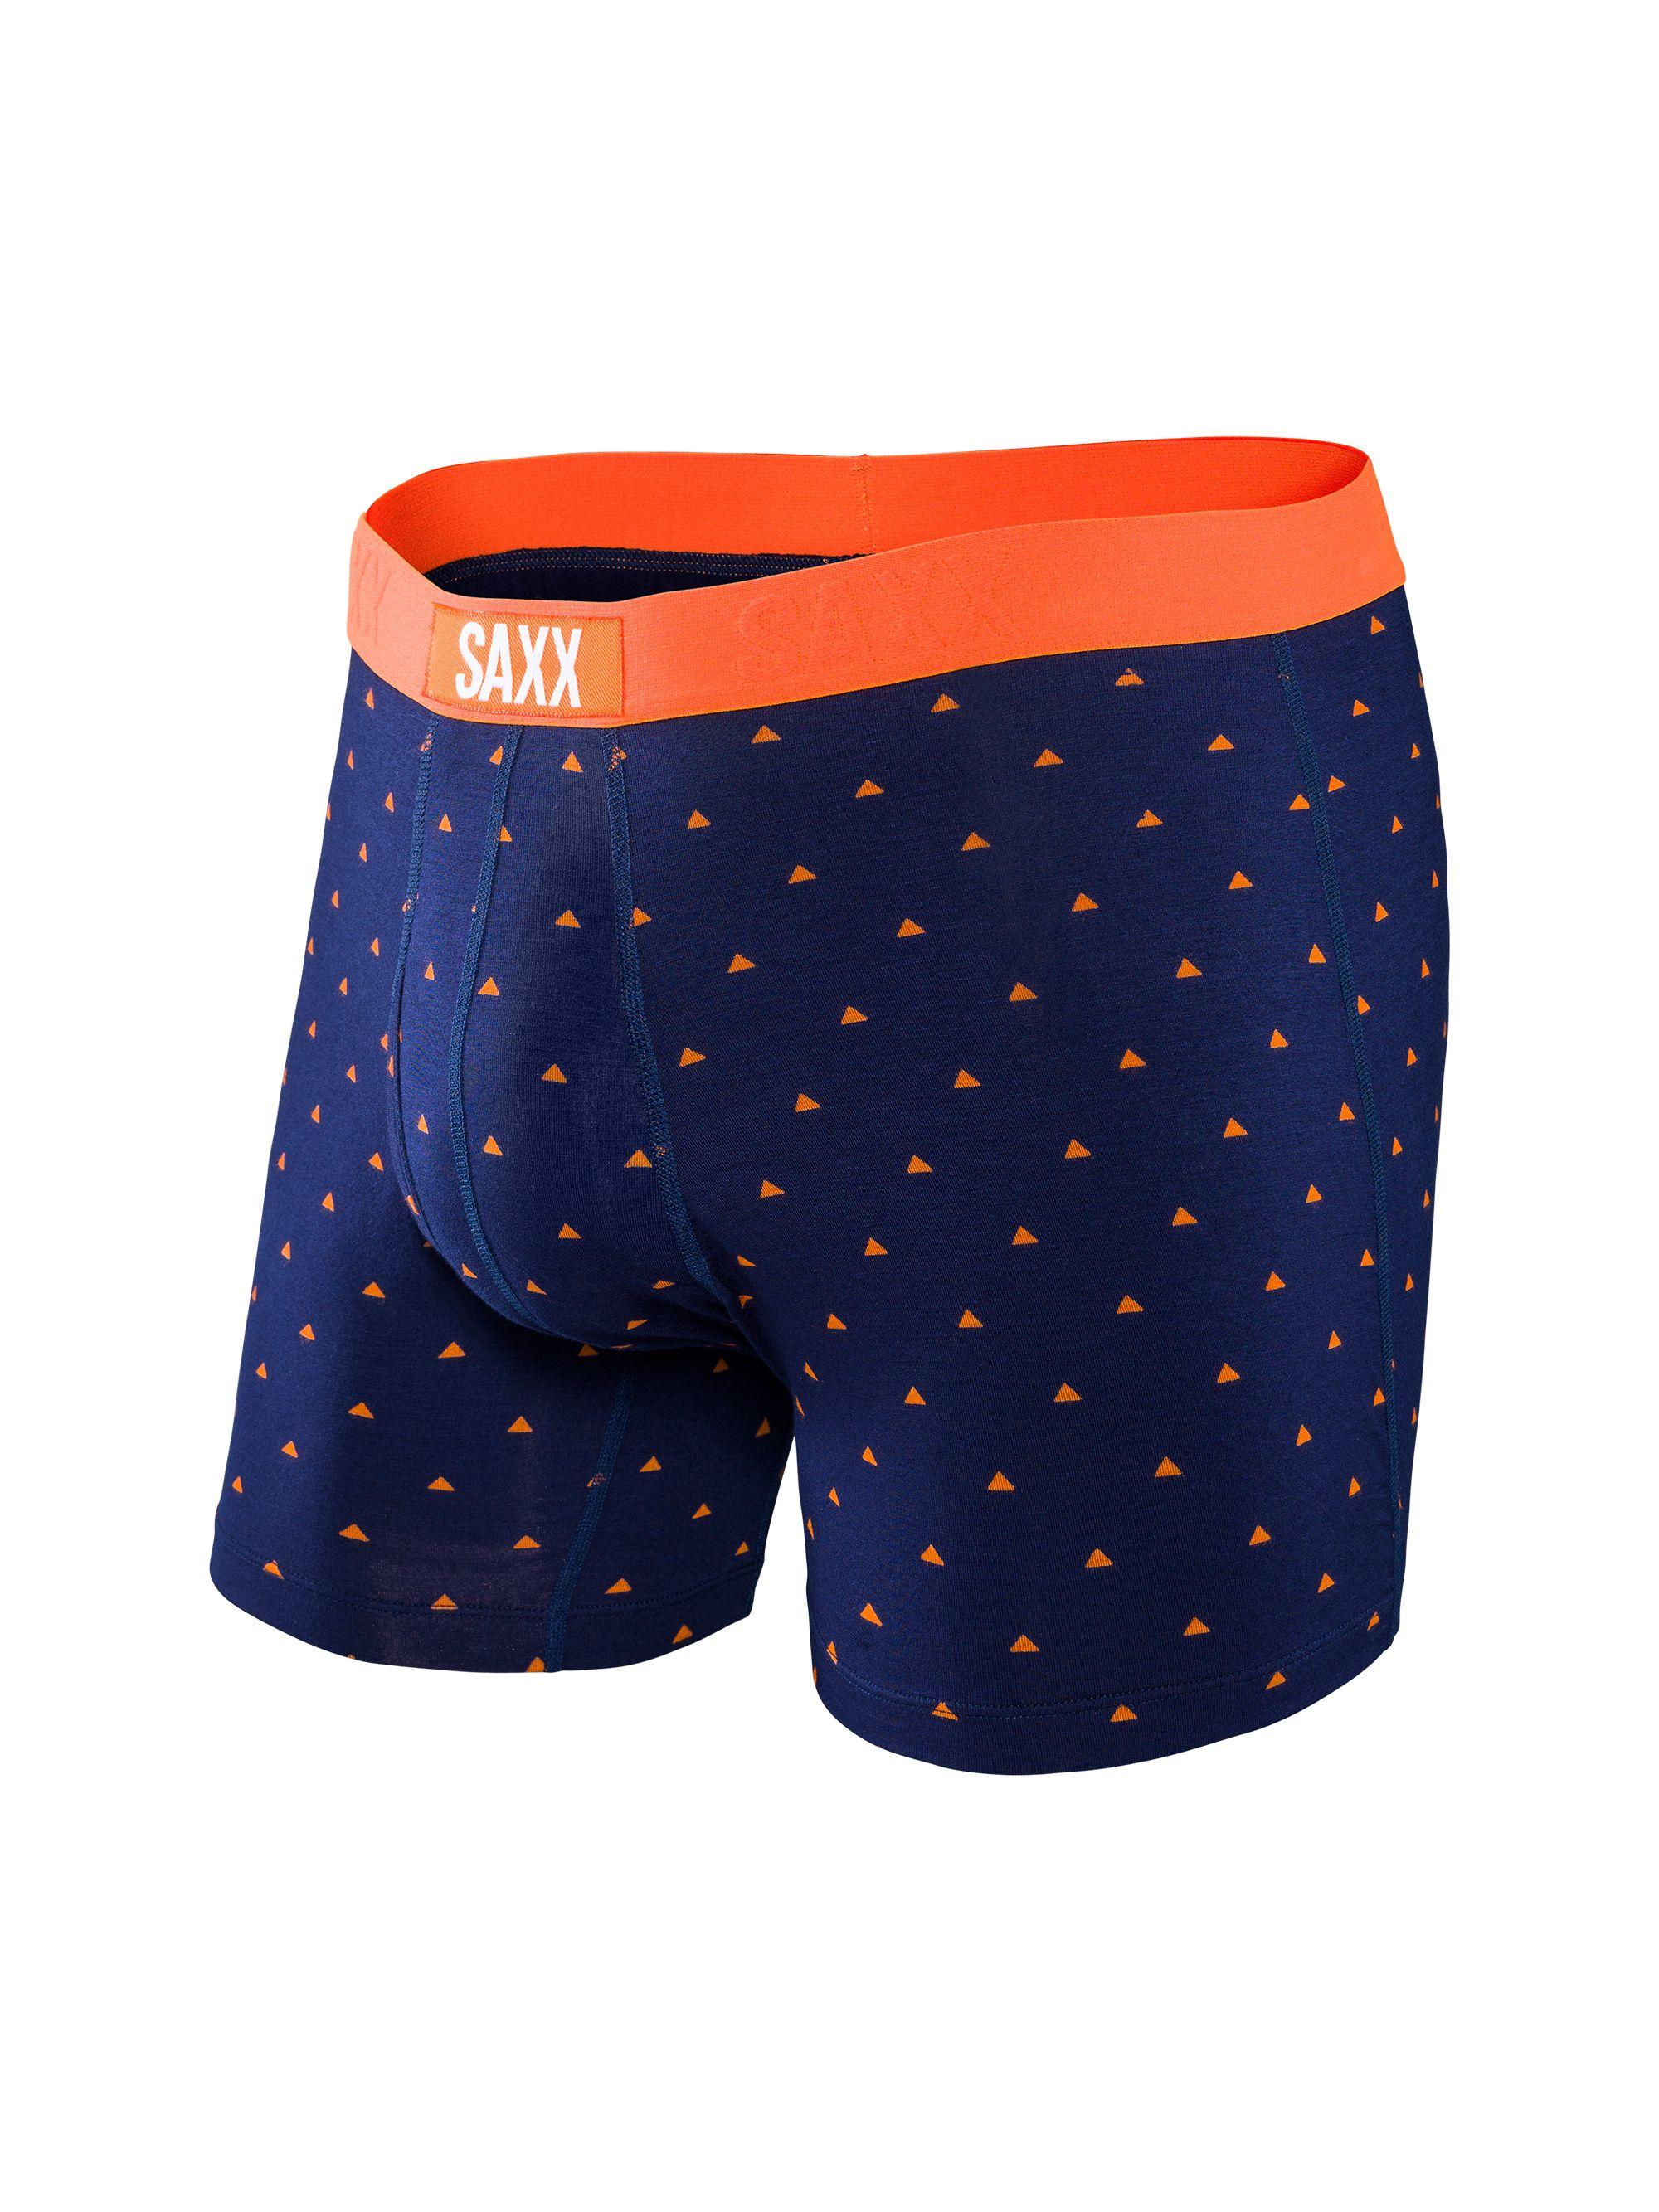 42d49f613fff Find the comfortable men's boxer briefs at Buckle today! SAXX Underwear  Ultra Ziki www.saxxunderwear.com